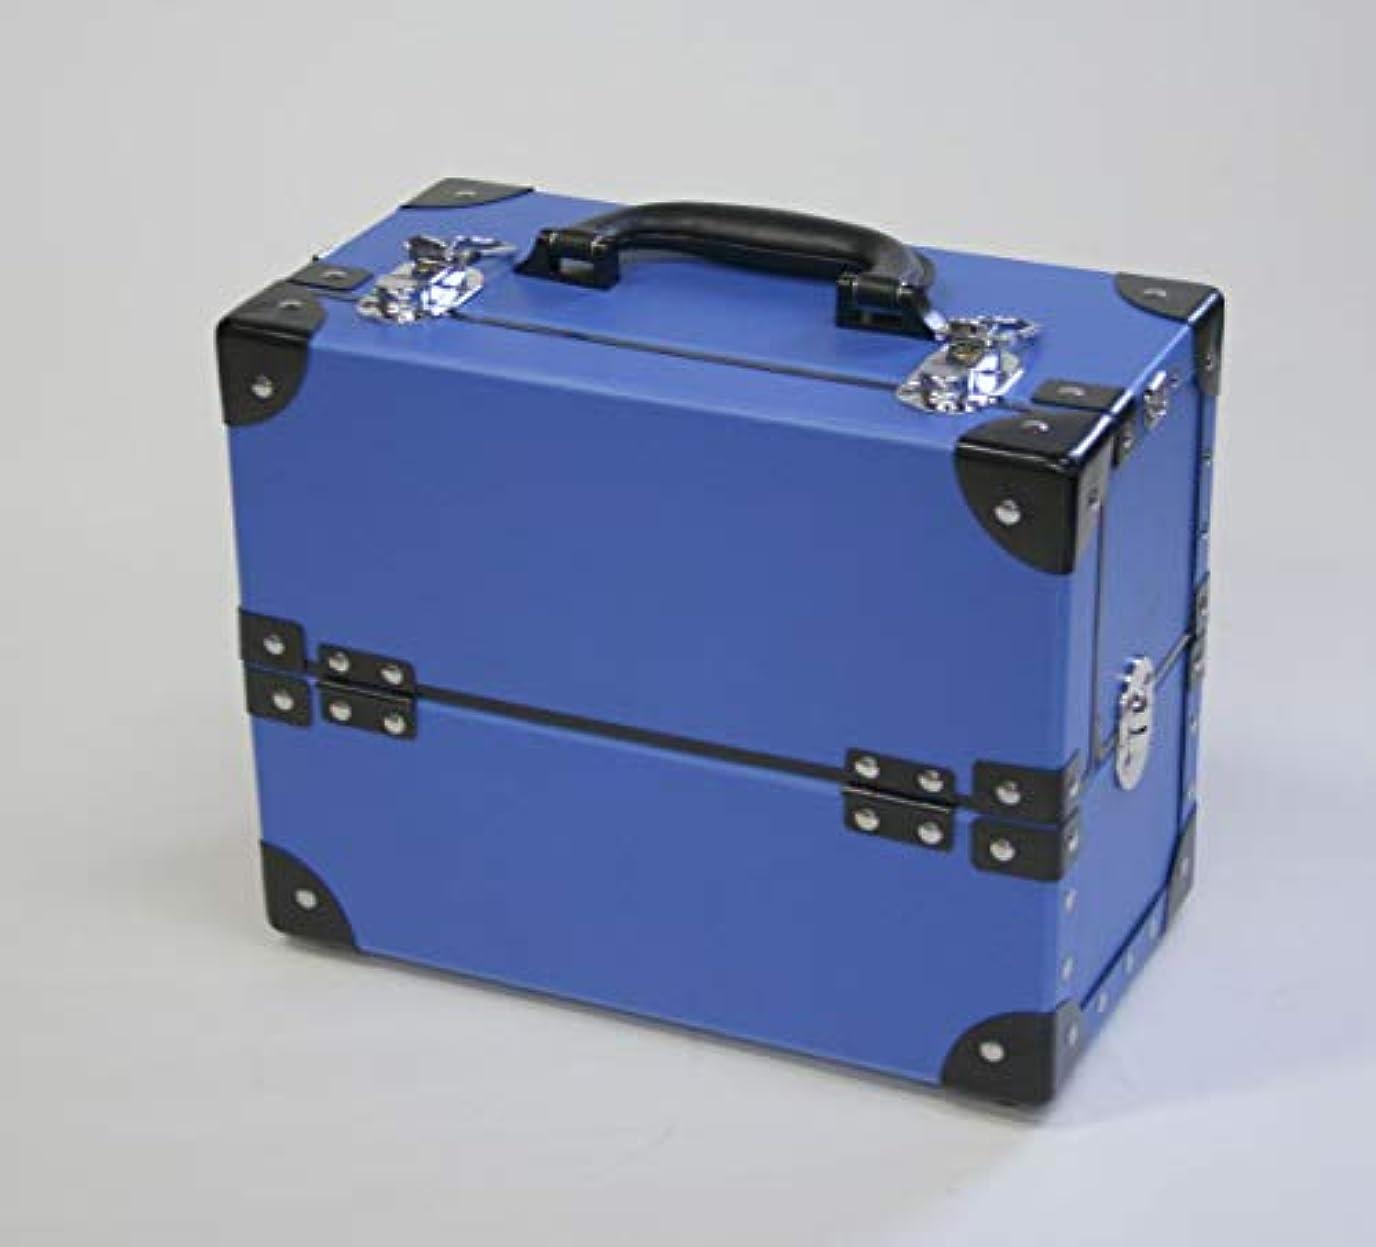 人種シェーバー男性メイクボックス|HZ002BD-2(002BE-2)|軽量タイプ|コスメボックス 化粧箱 メイクアップボックス|Make box MAKE UP BOX (ブルー)